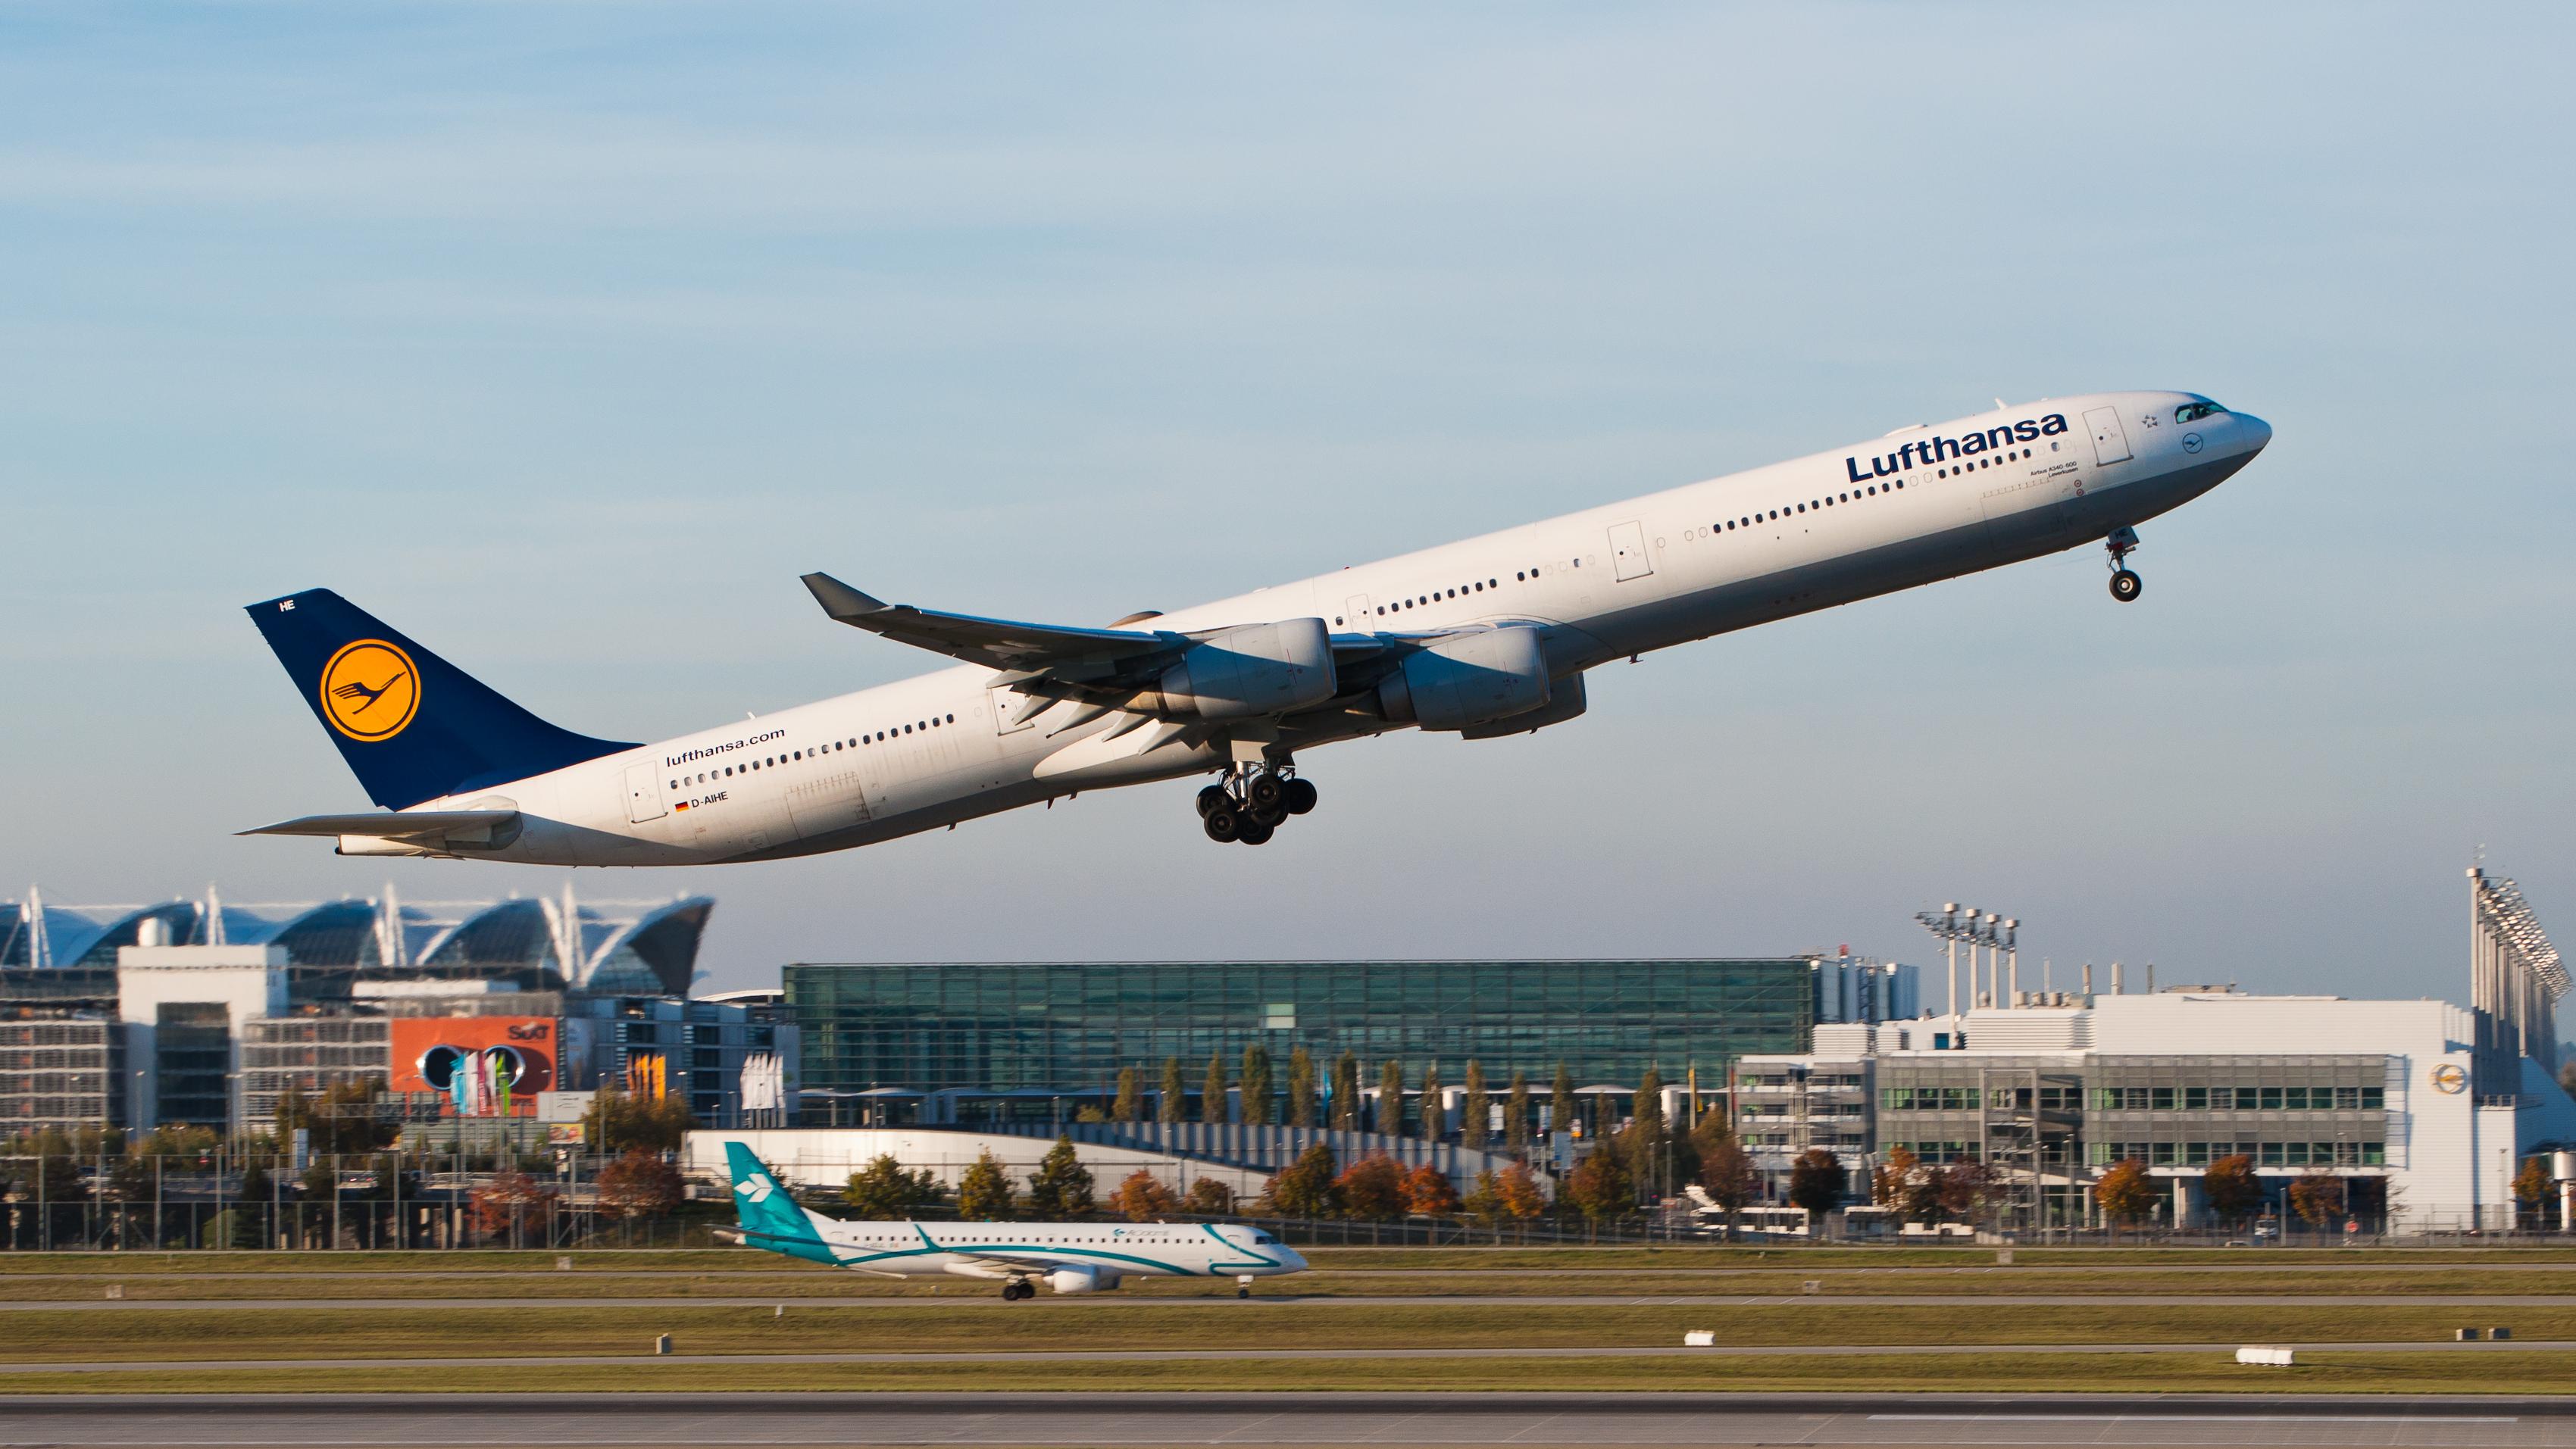 File:Lufthansa Airbus A340-642 D-AIHE MUC 2015 02.jpg